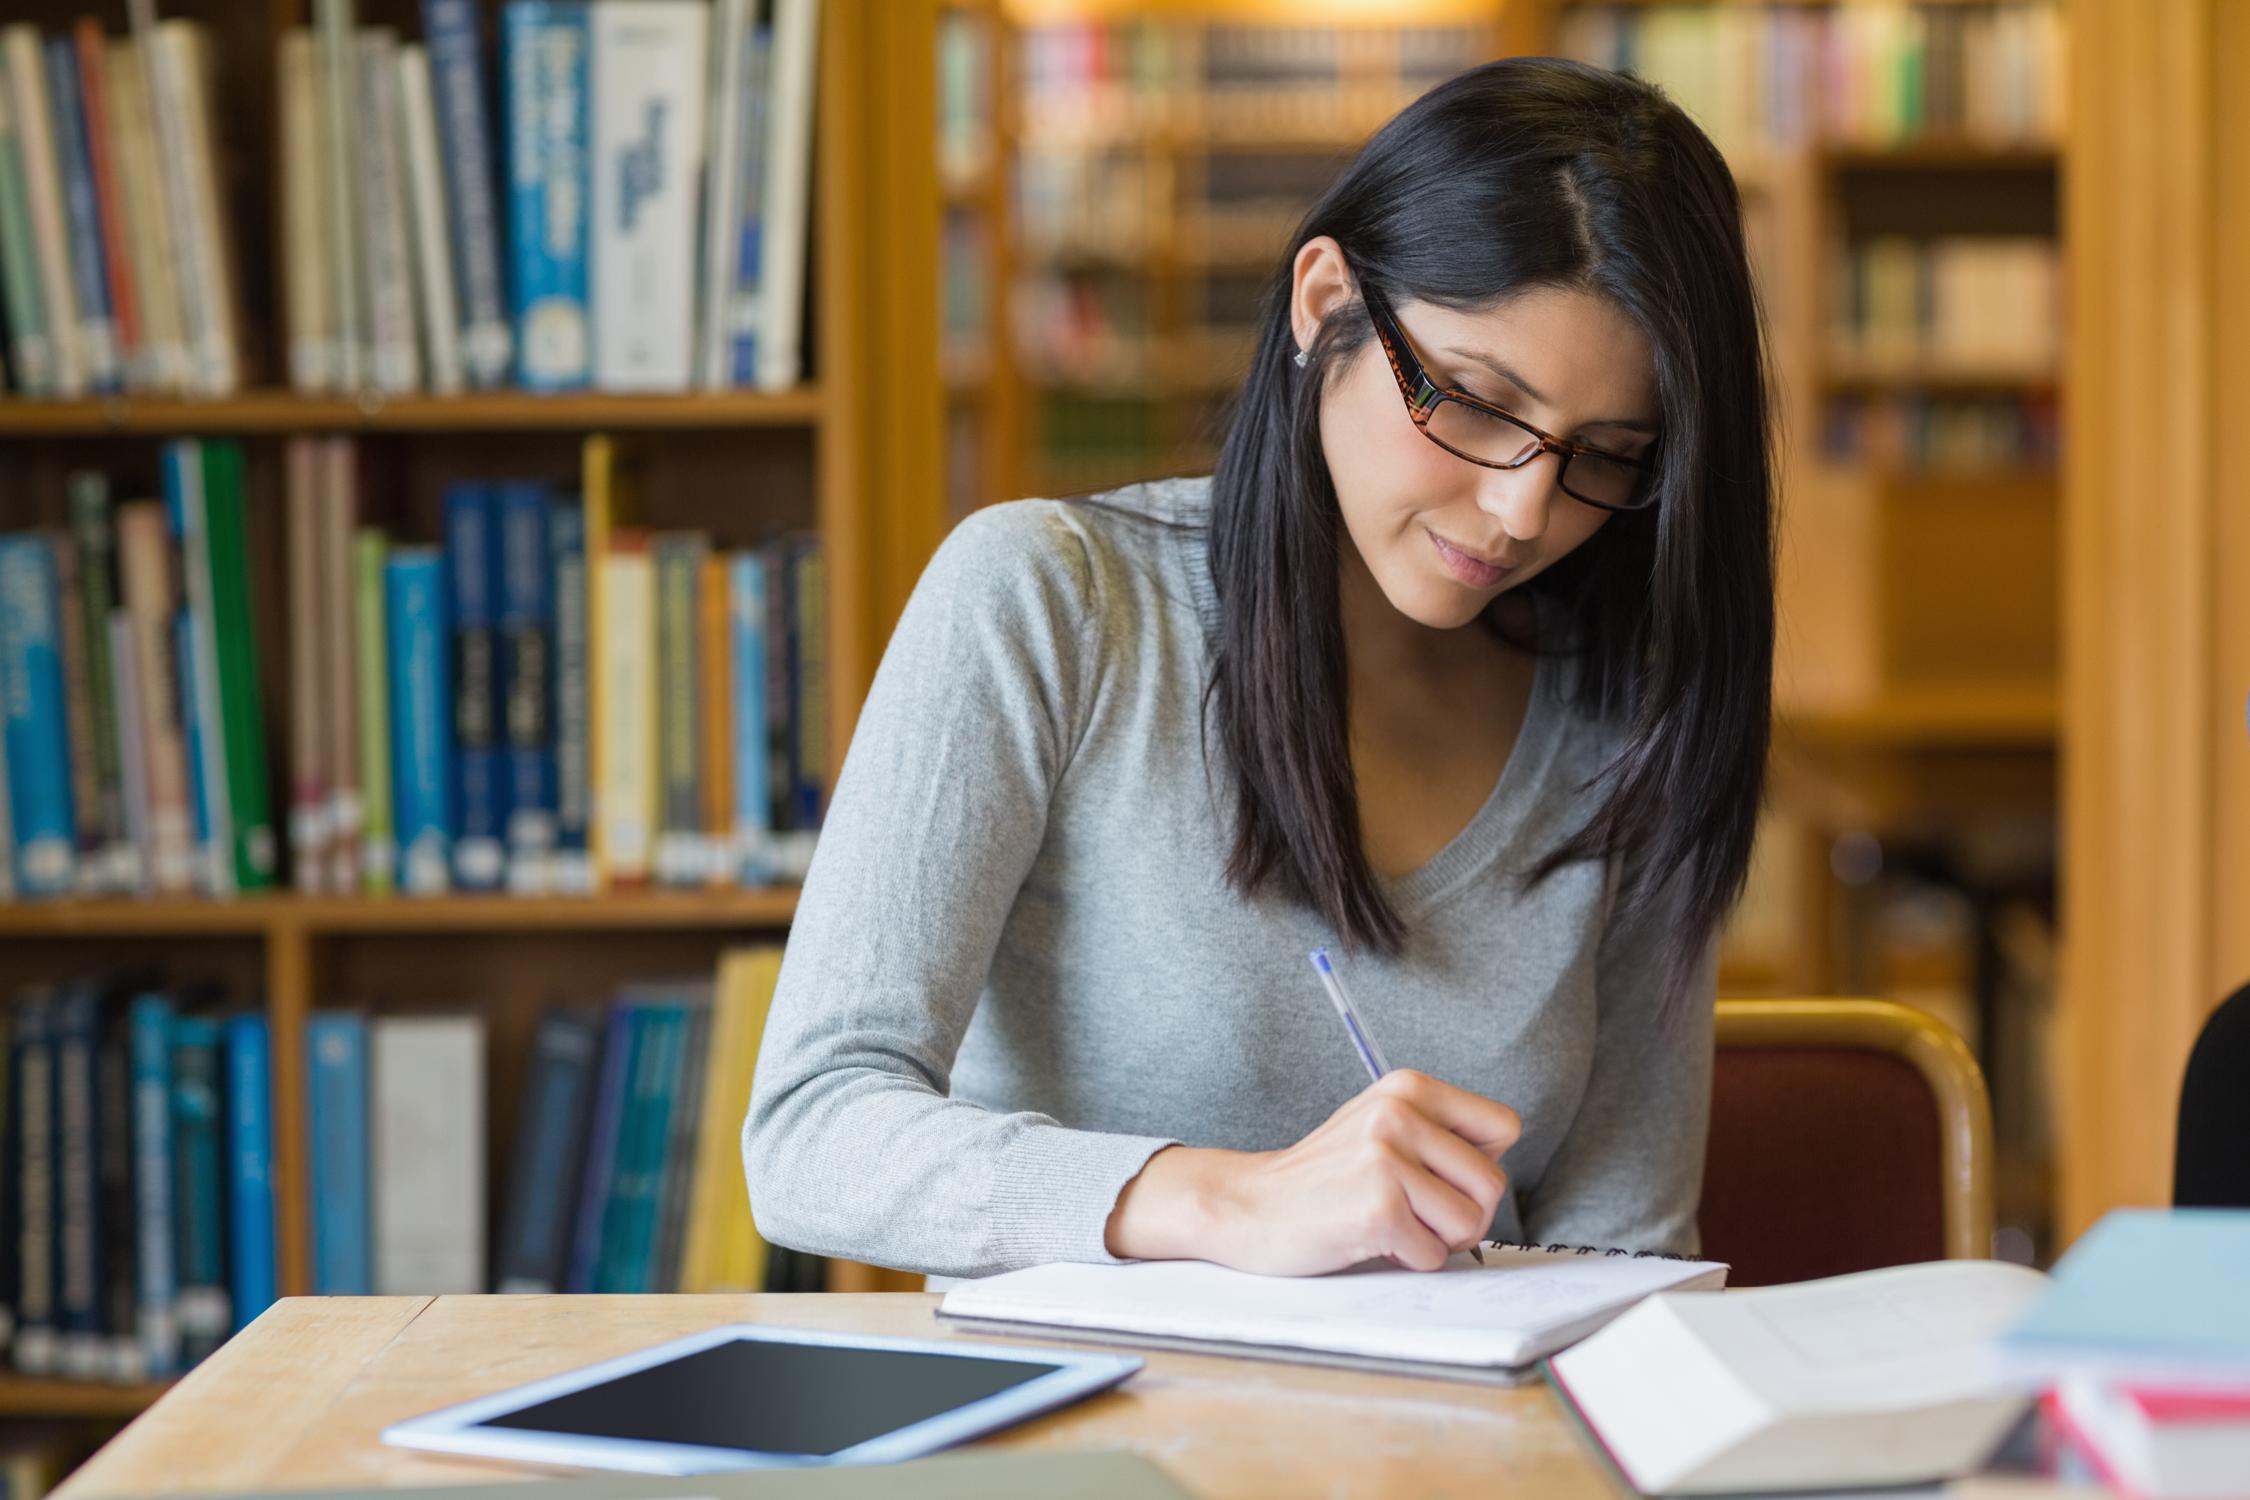 انجام پایان نامه حقوق دکتری | انجام رساله دکتری و پایان نامه کارشناسی ارشد حقوق